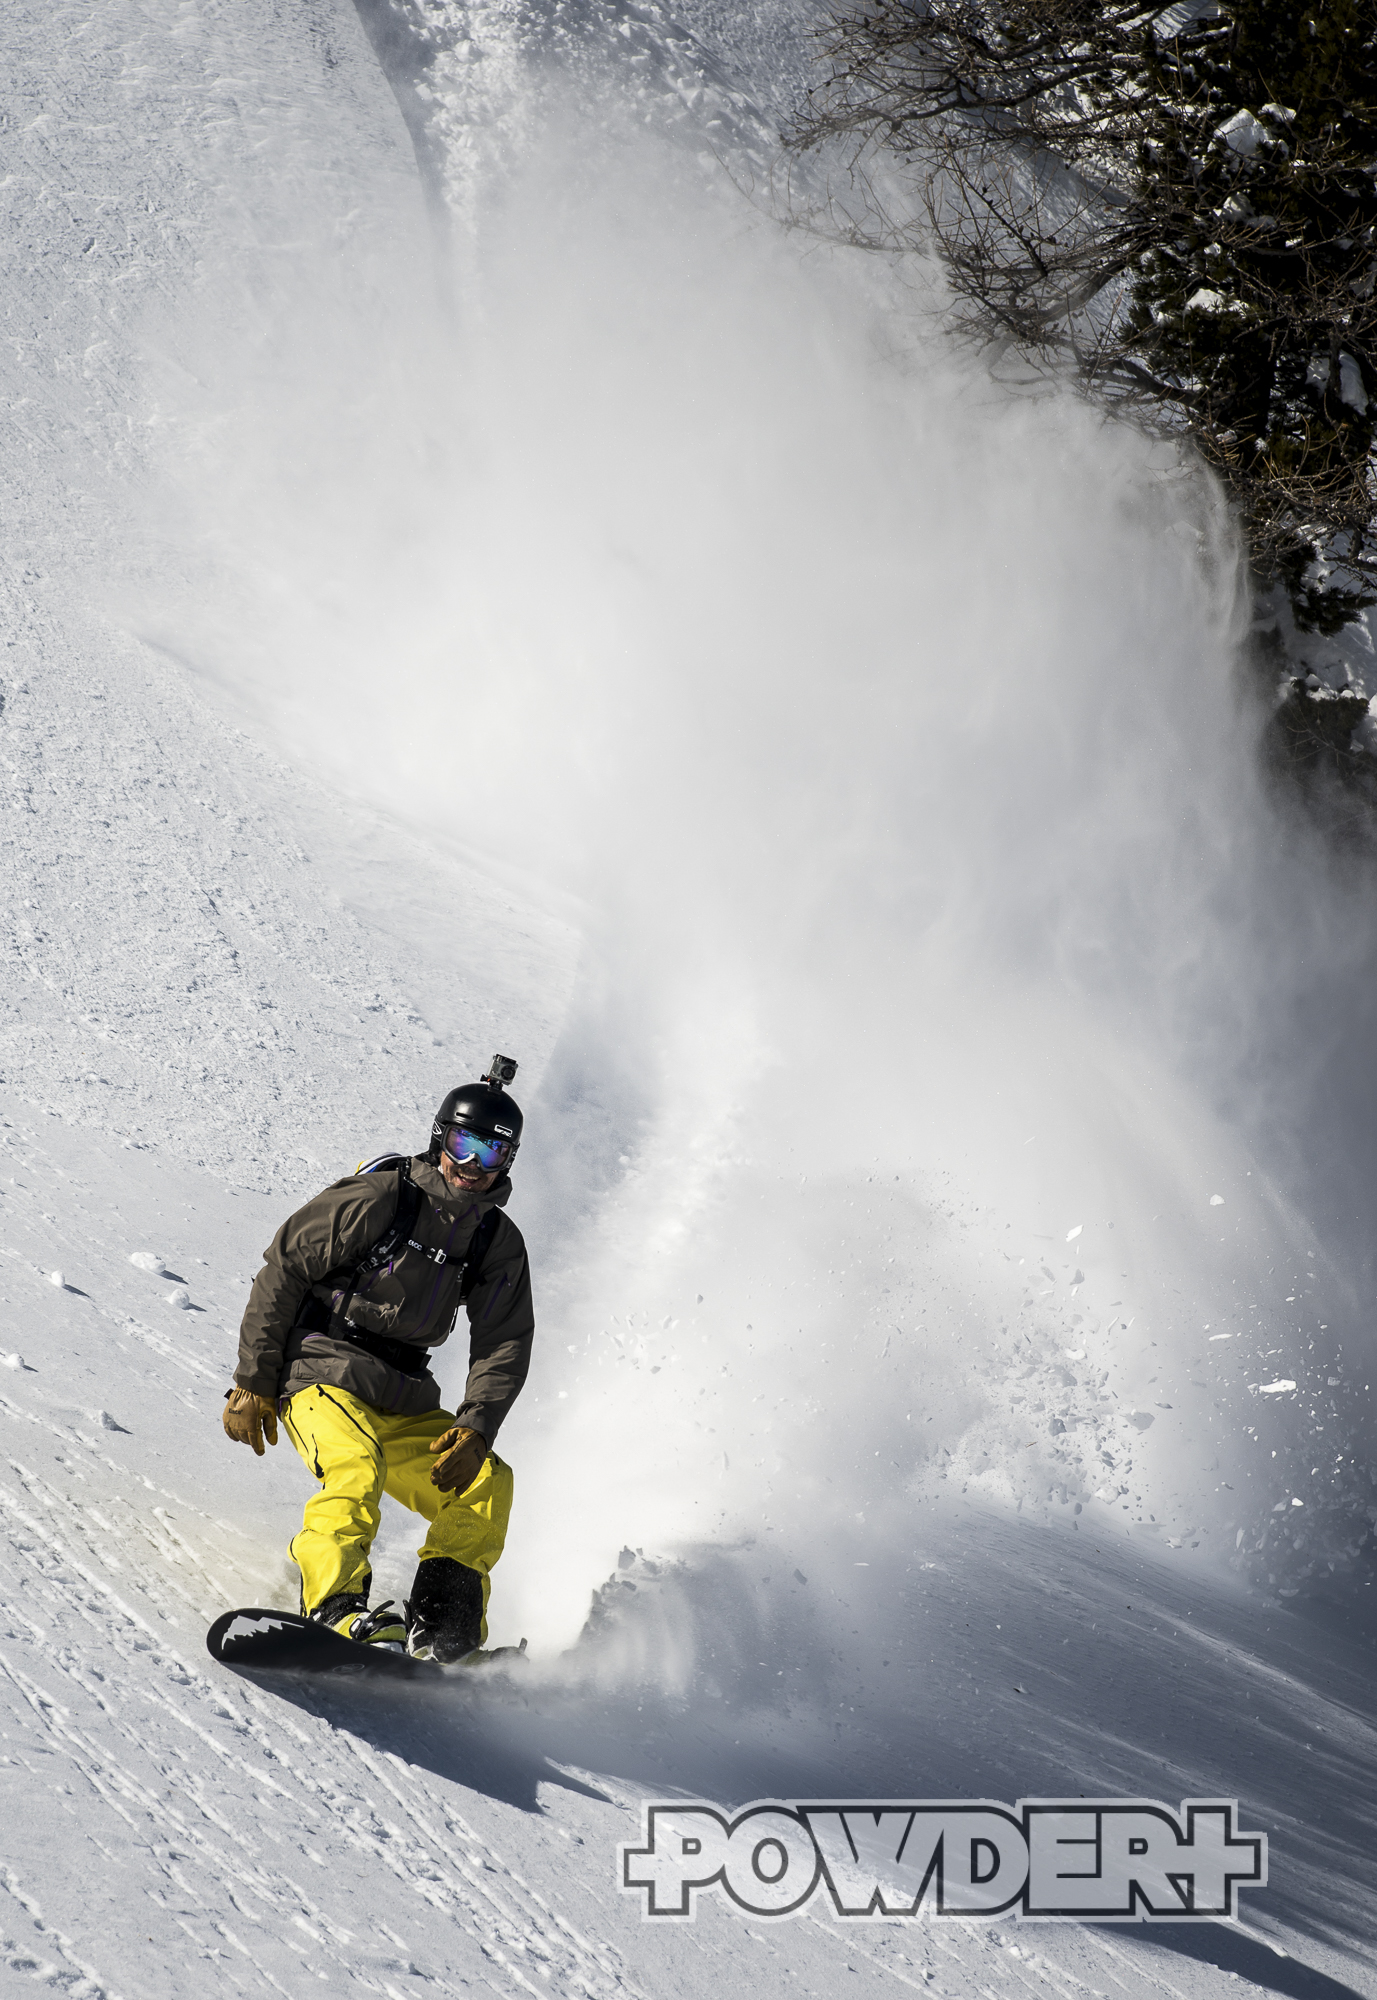 Pyrenäen, pyrenees, freeride, roadtrip, powder, snow, skiing, ski, variantenskifahren, snoeboard, auron, isola2000, ax les thermes, andorra, arcalis, piau engaly, piau, südalpen, wohnmobil yolocamer